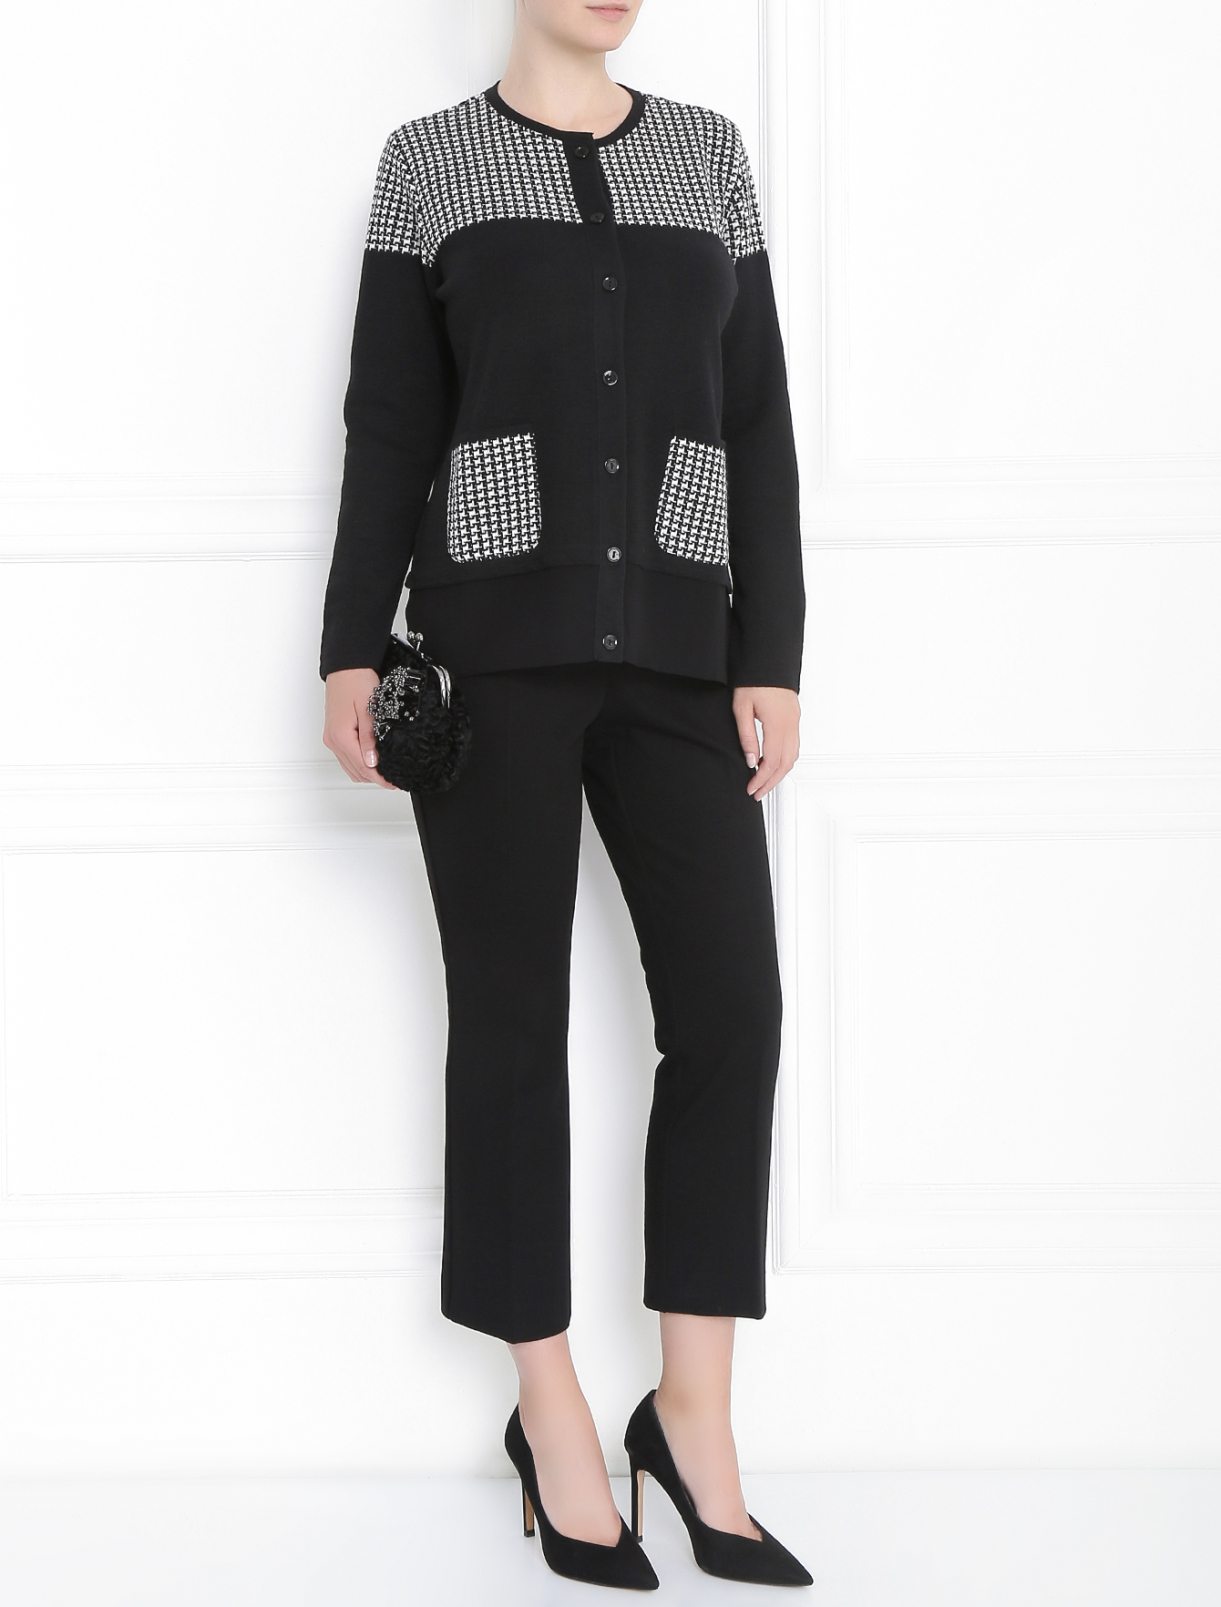 Кардиган с накладными карманами и контрастной отделкой Persona by Marina Rinaldi  –  Модель Общий вид